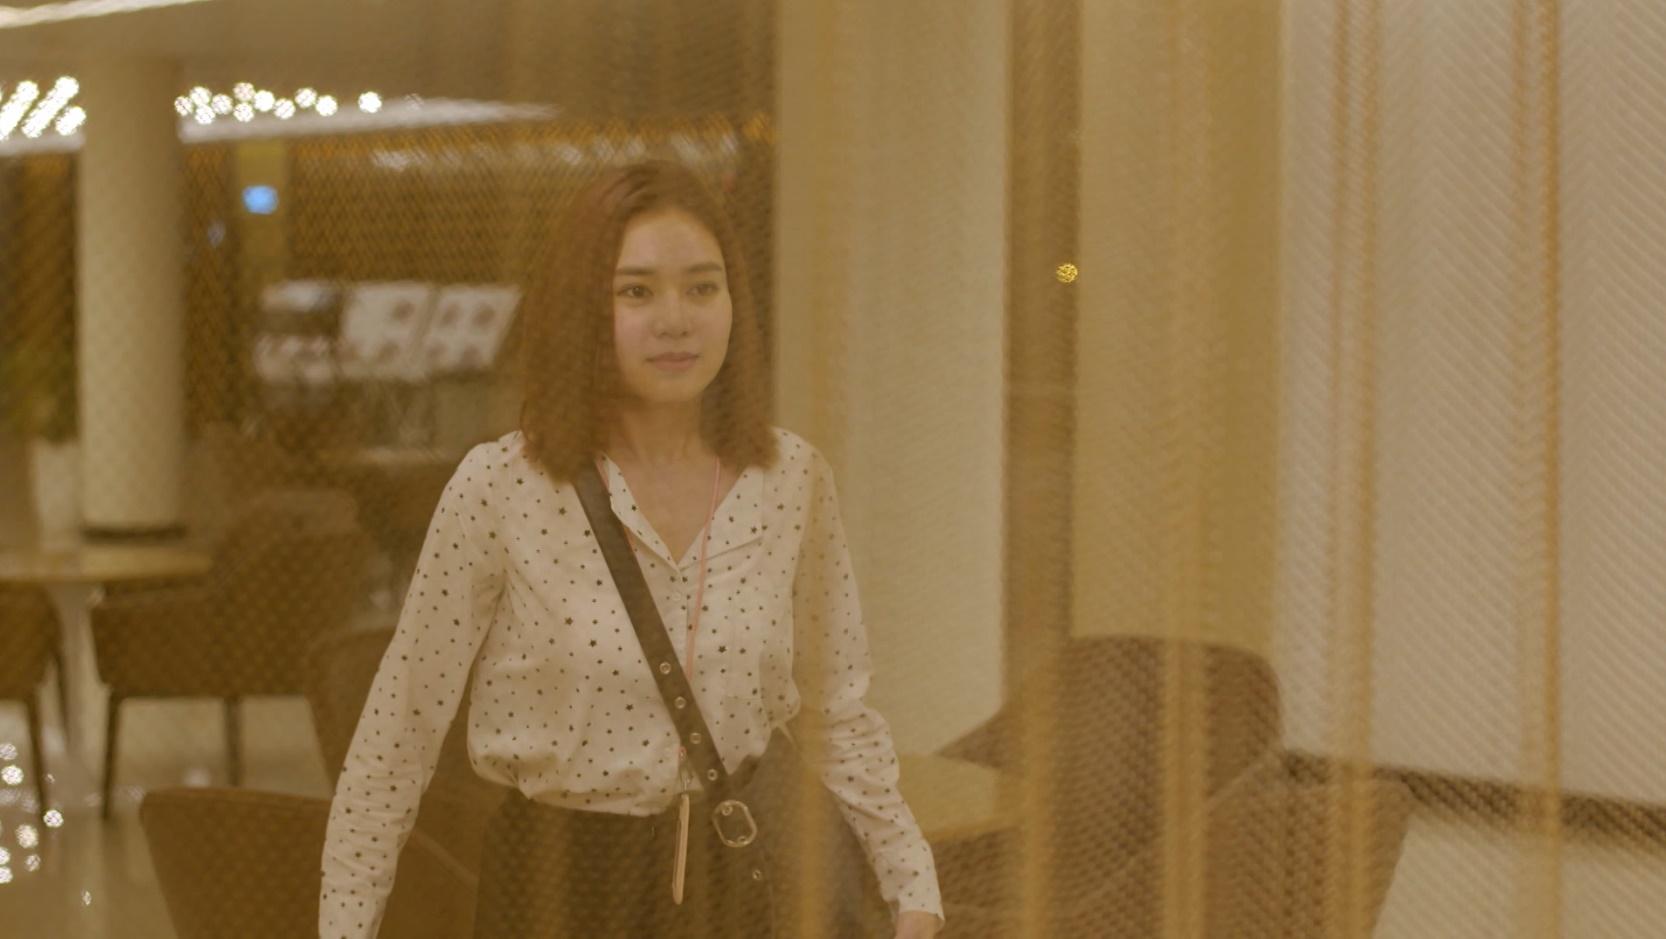 MTĐCT tập 46 – Gay cấn: An Chi đau lòng phát hiện màn đóng giả của Hạ Linh